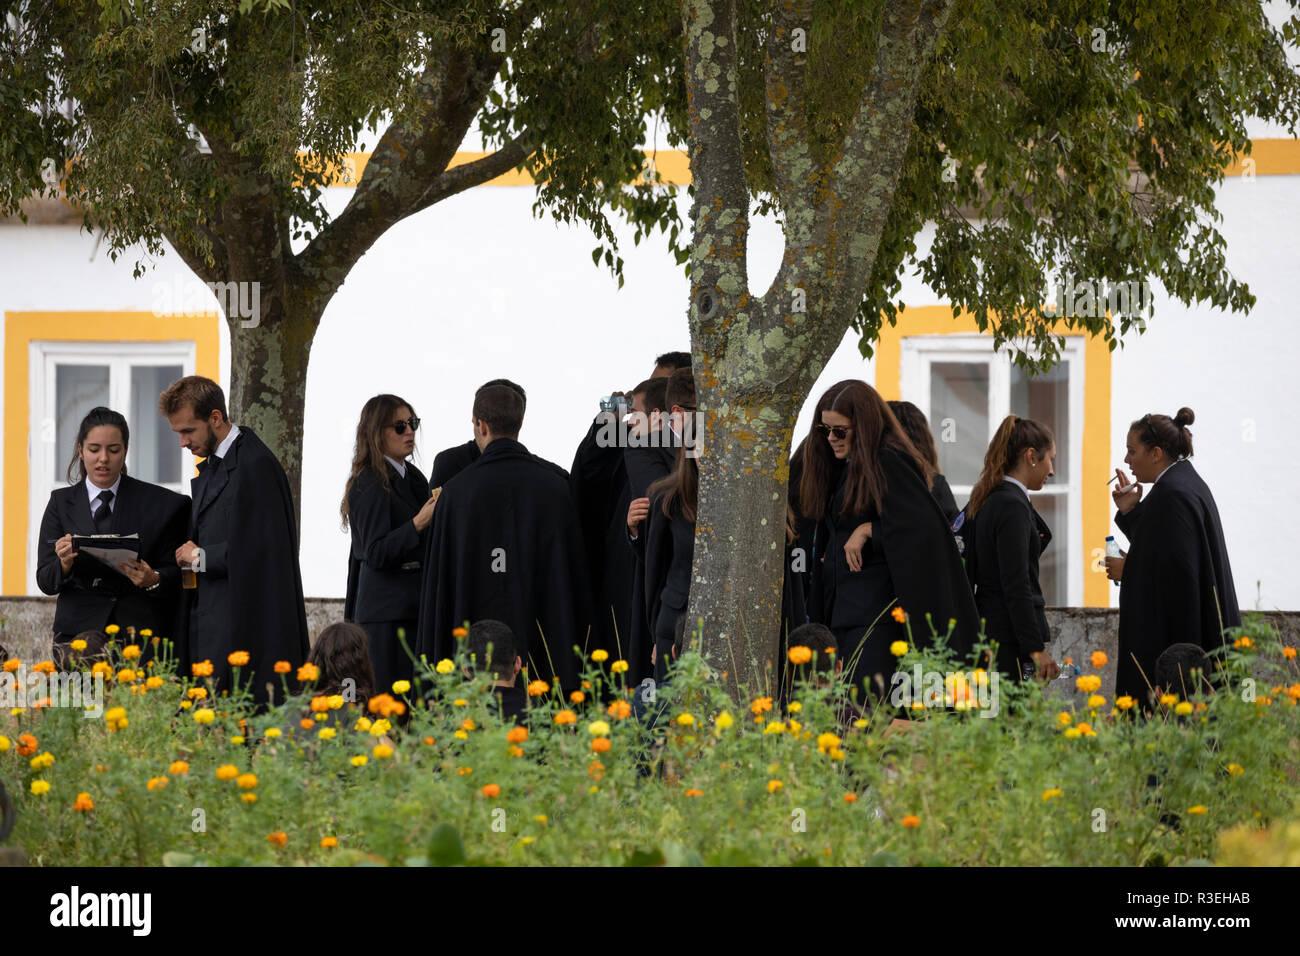 University students socialising in the Jardim Diana, Evora, Alentejo, Portugal, Europe - Stock Image